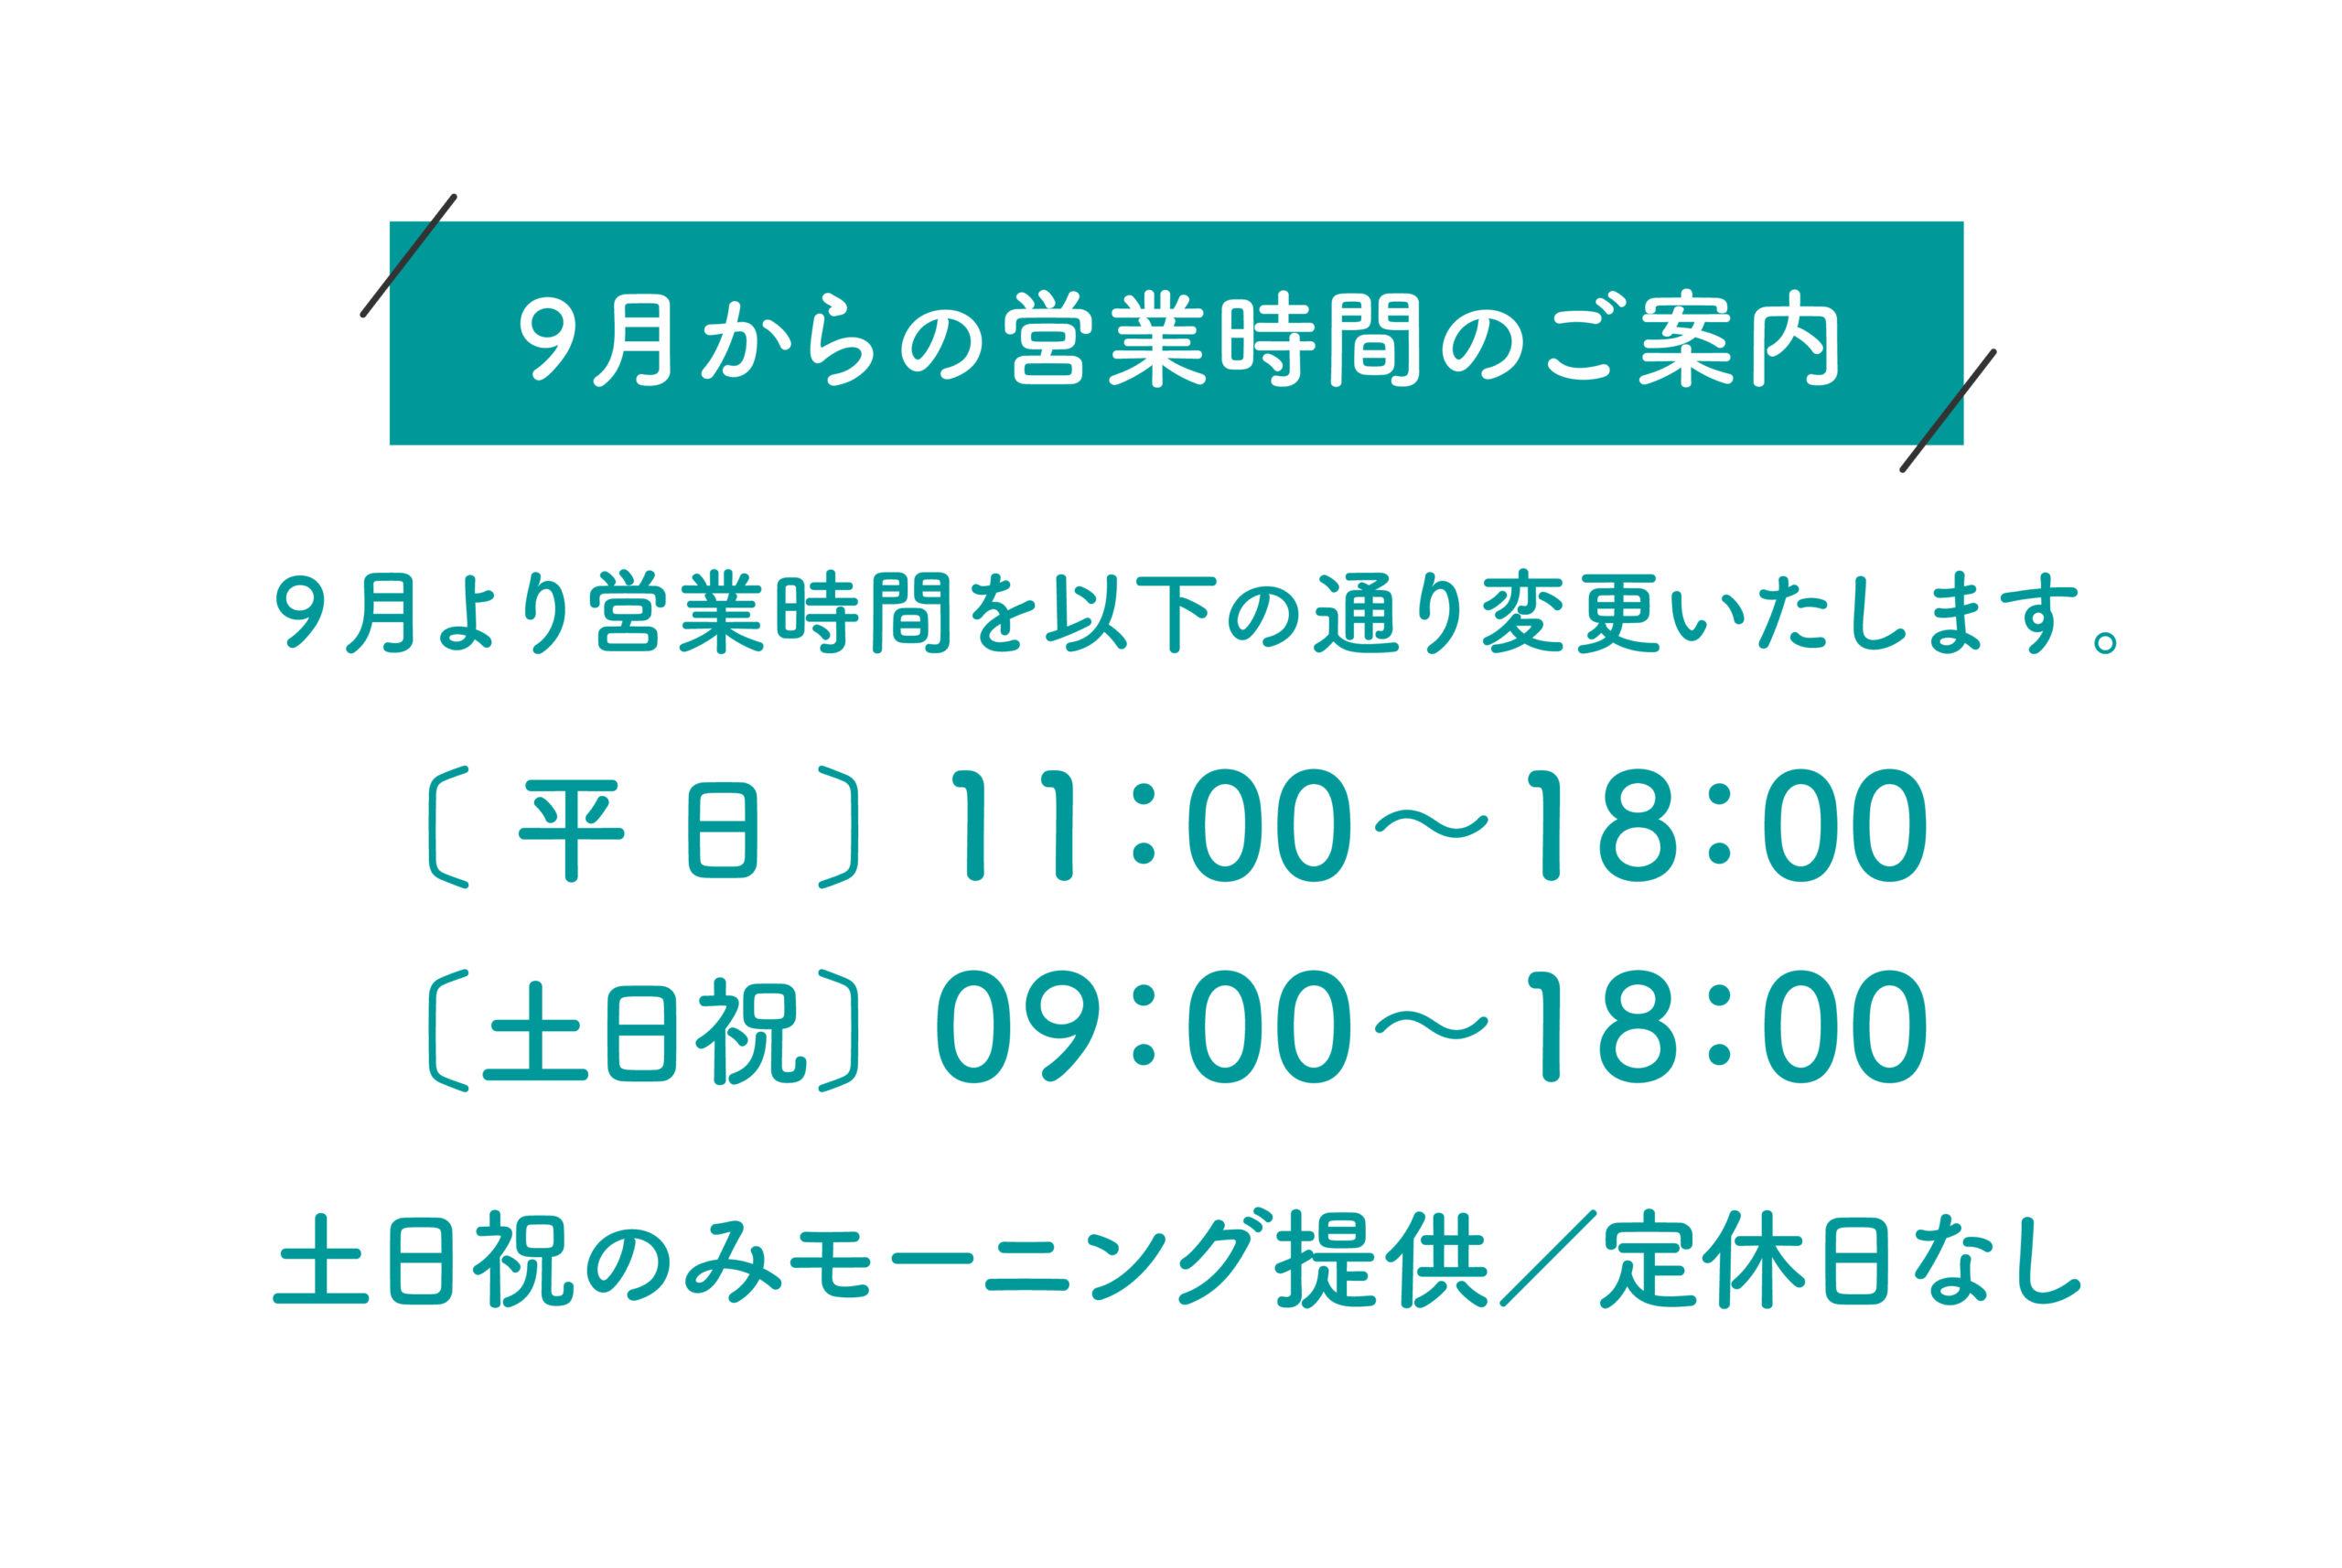 9月より営業時間が変わります。